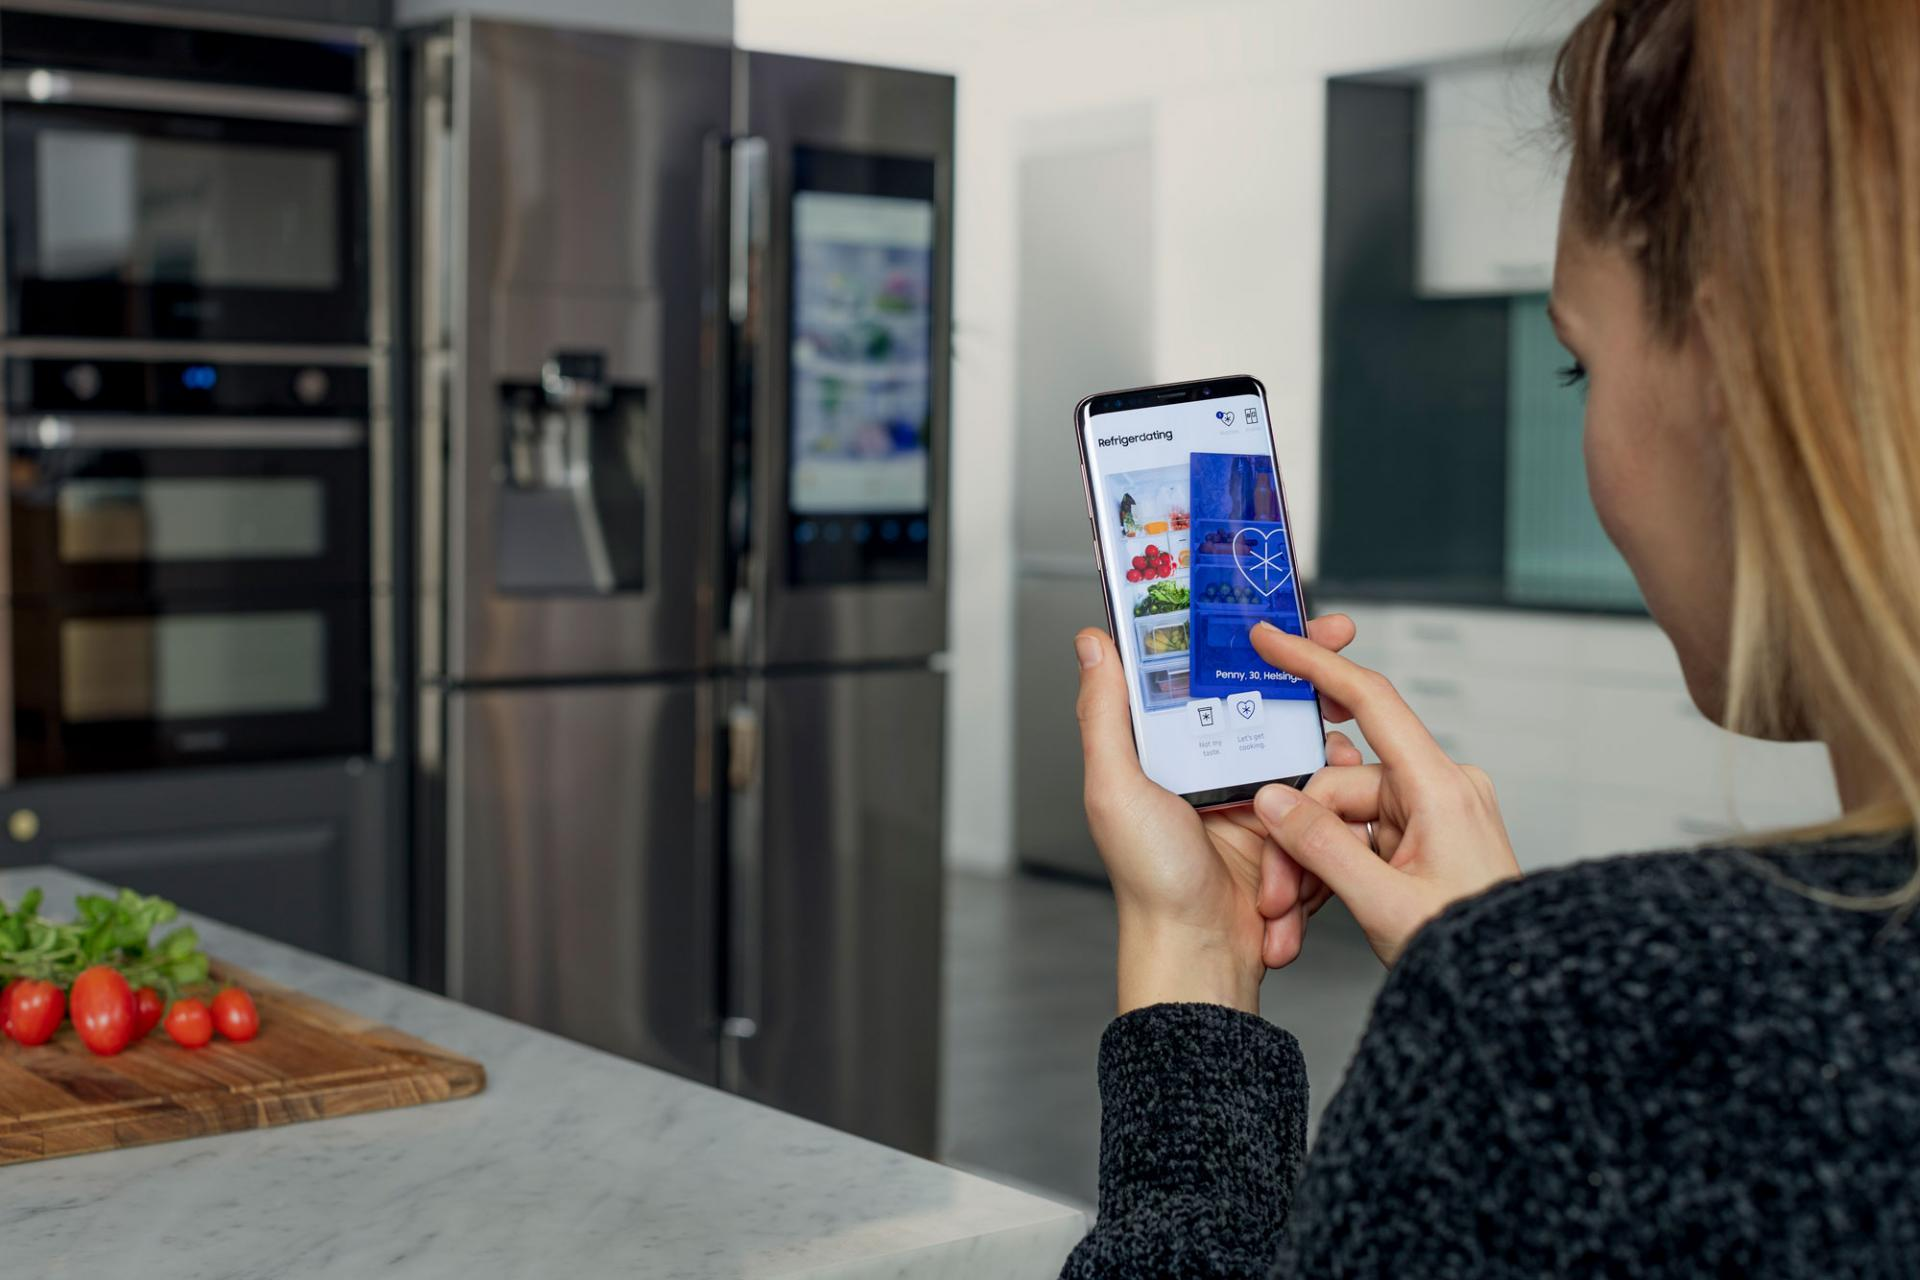 Samsung запустила приложение знакомств Refrigerdating посодержимому холодильника